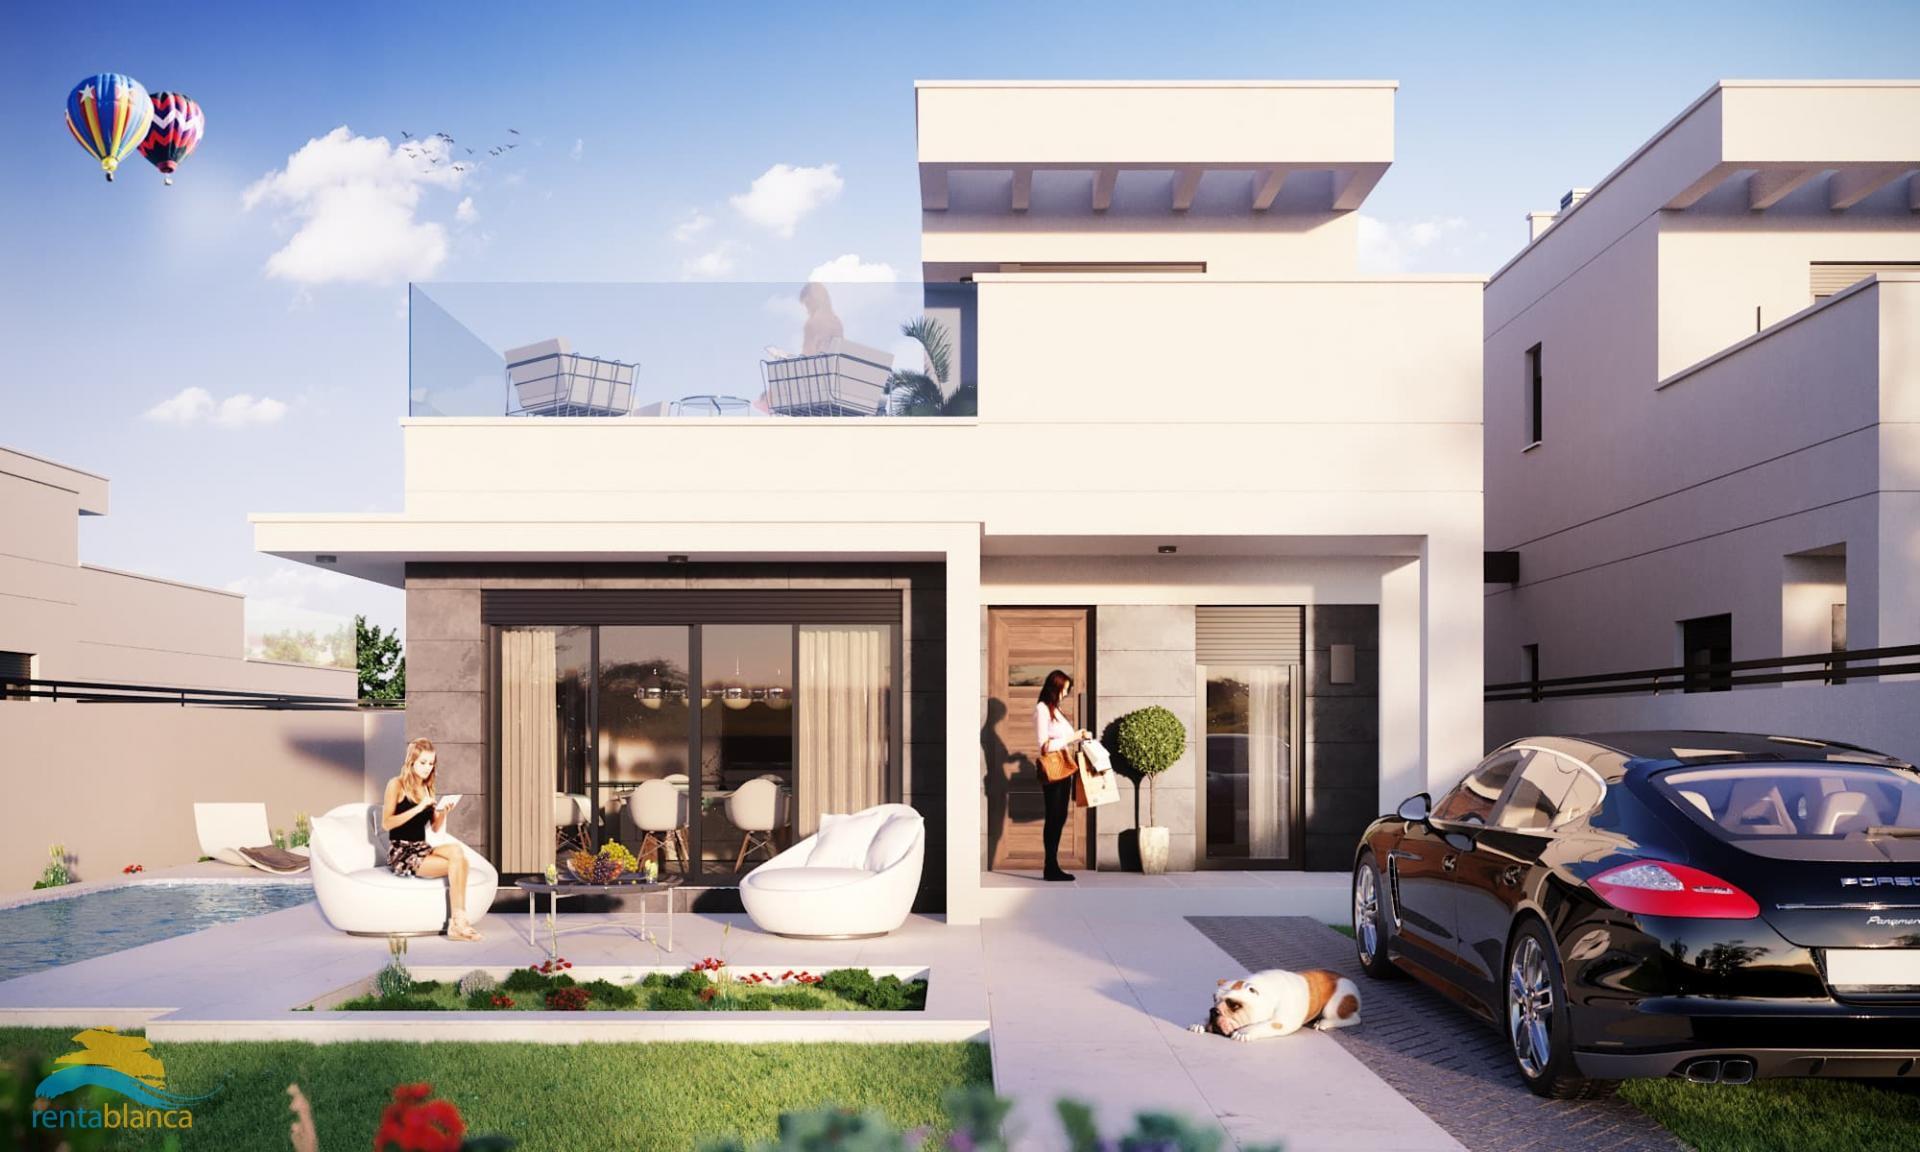 Nieuwbouw - modern half vrijstaande villa - Oasis La Marina - Rentablanca